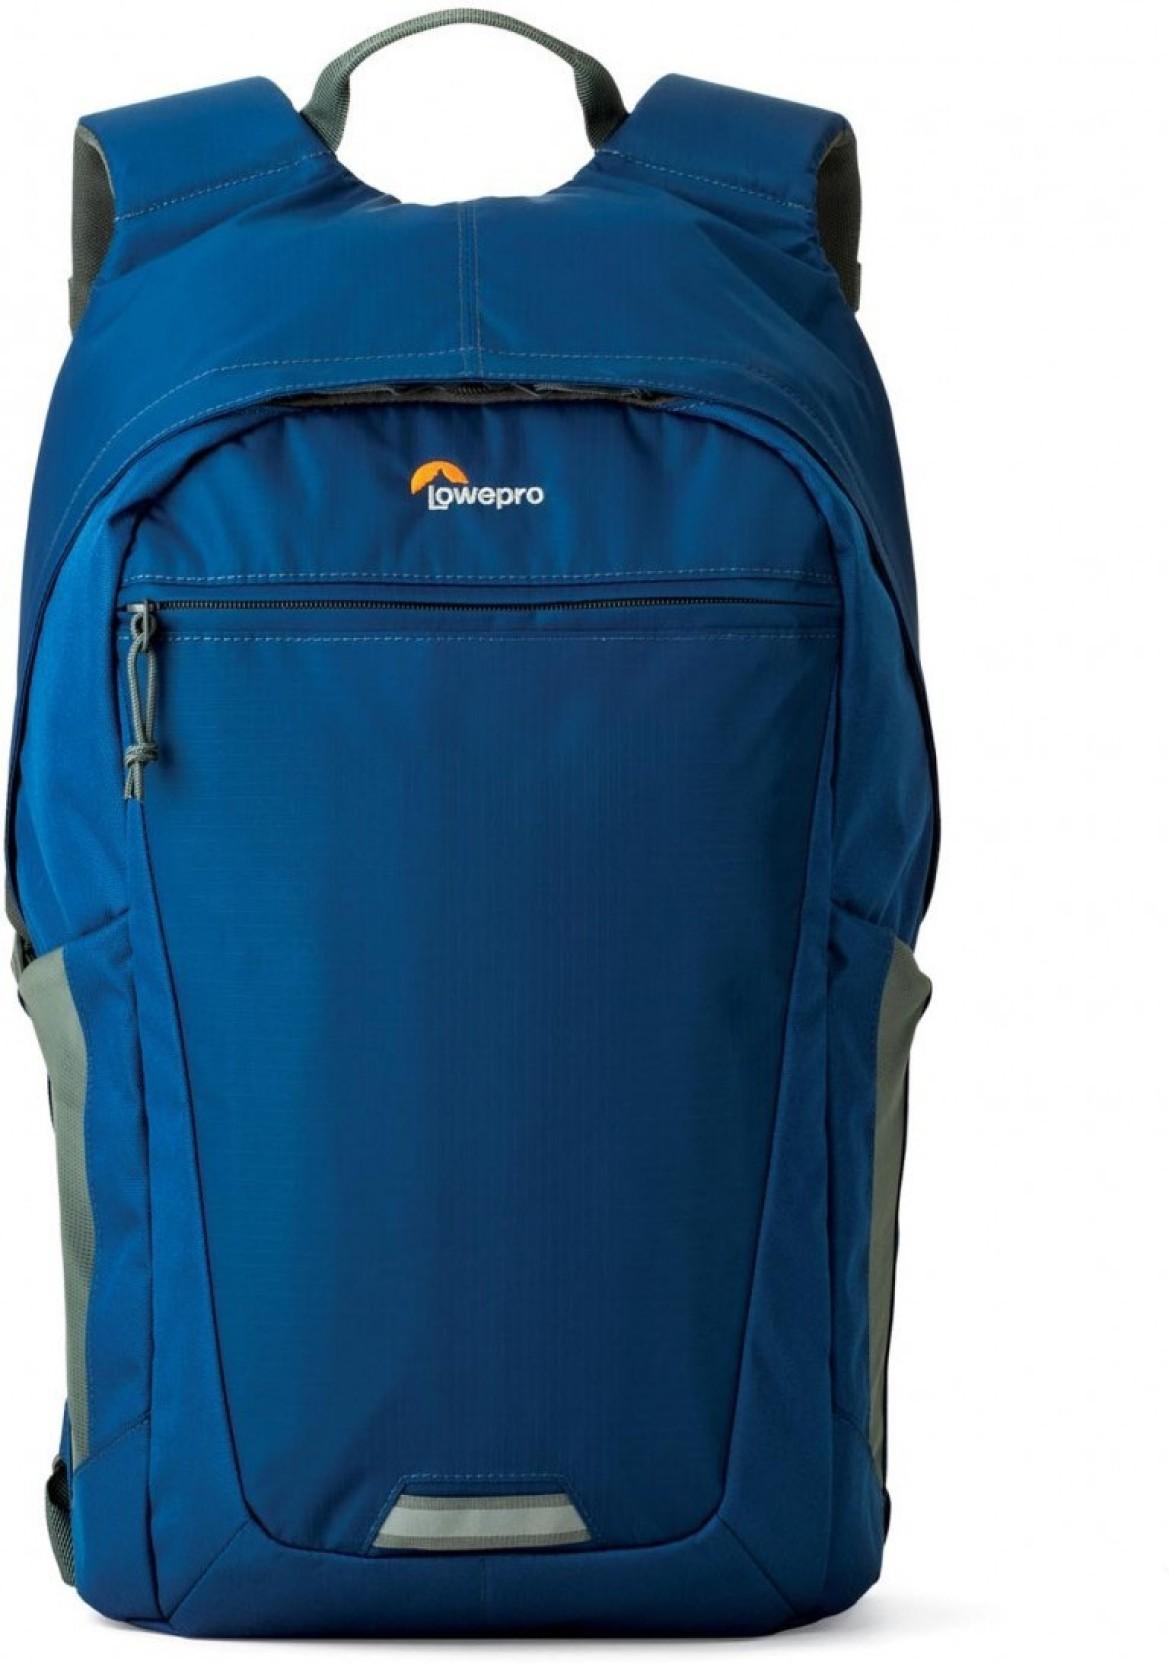 Lowepro Photo Hatchback Bp 250 Aw Ii Camera Bag Toploader Zoom 50 Blue On Offer